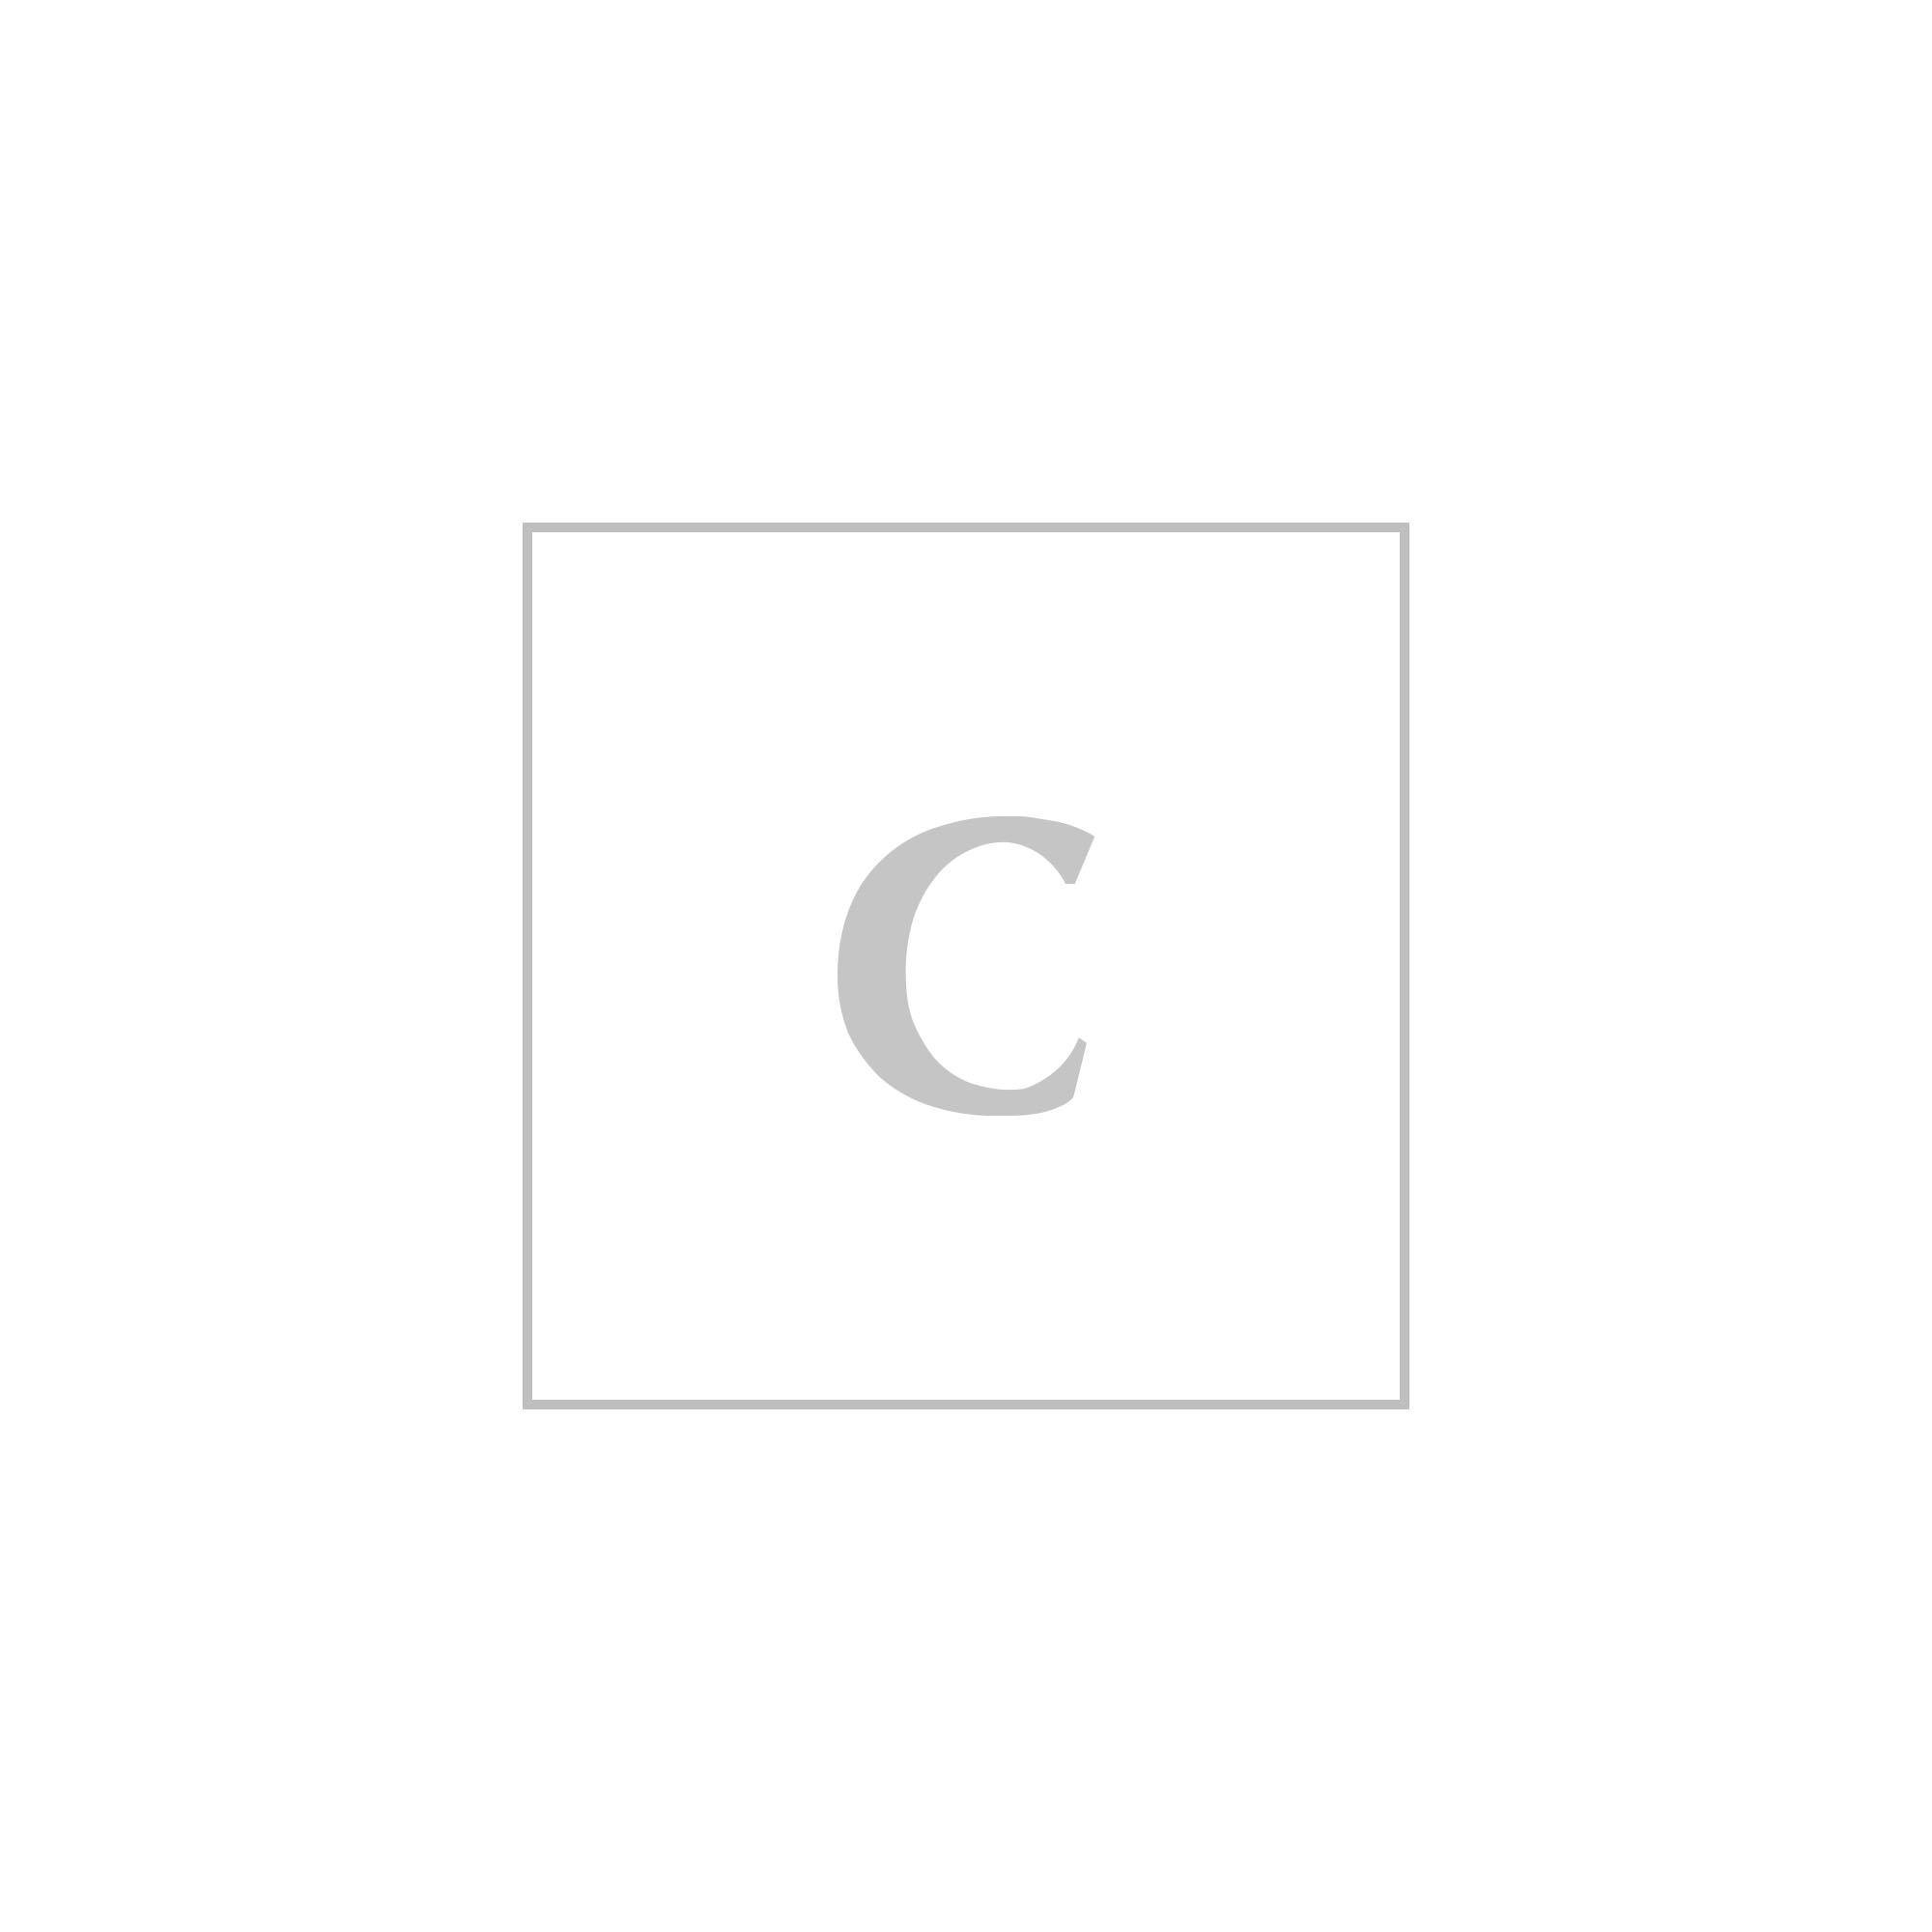 Prada giacca cloquet ibiscus